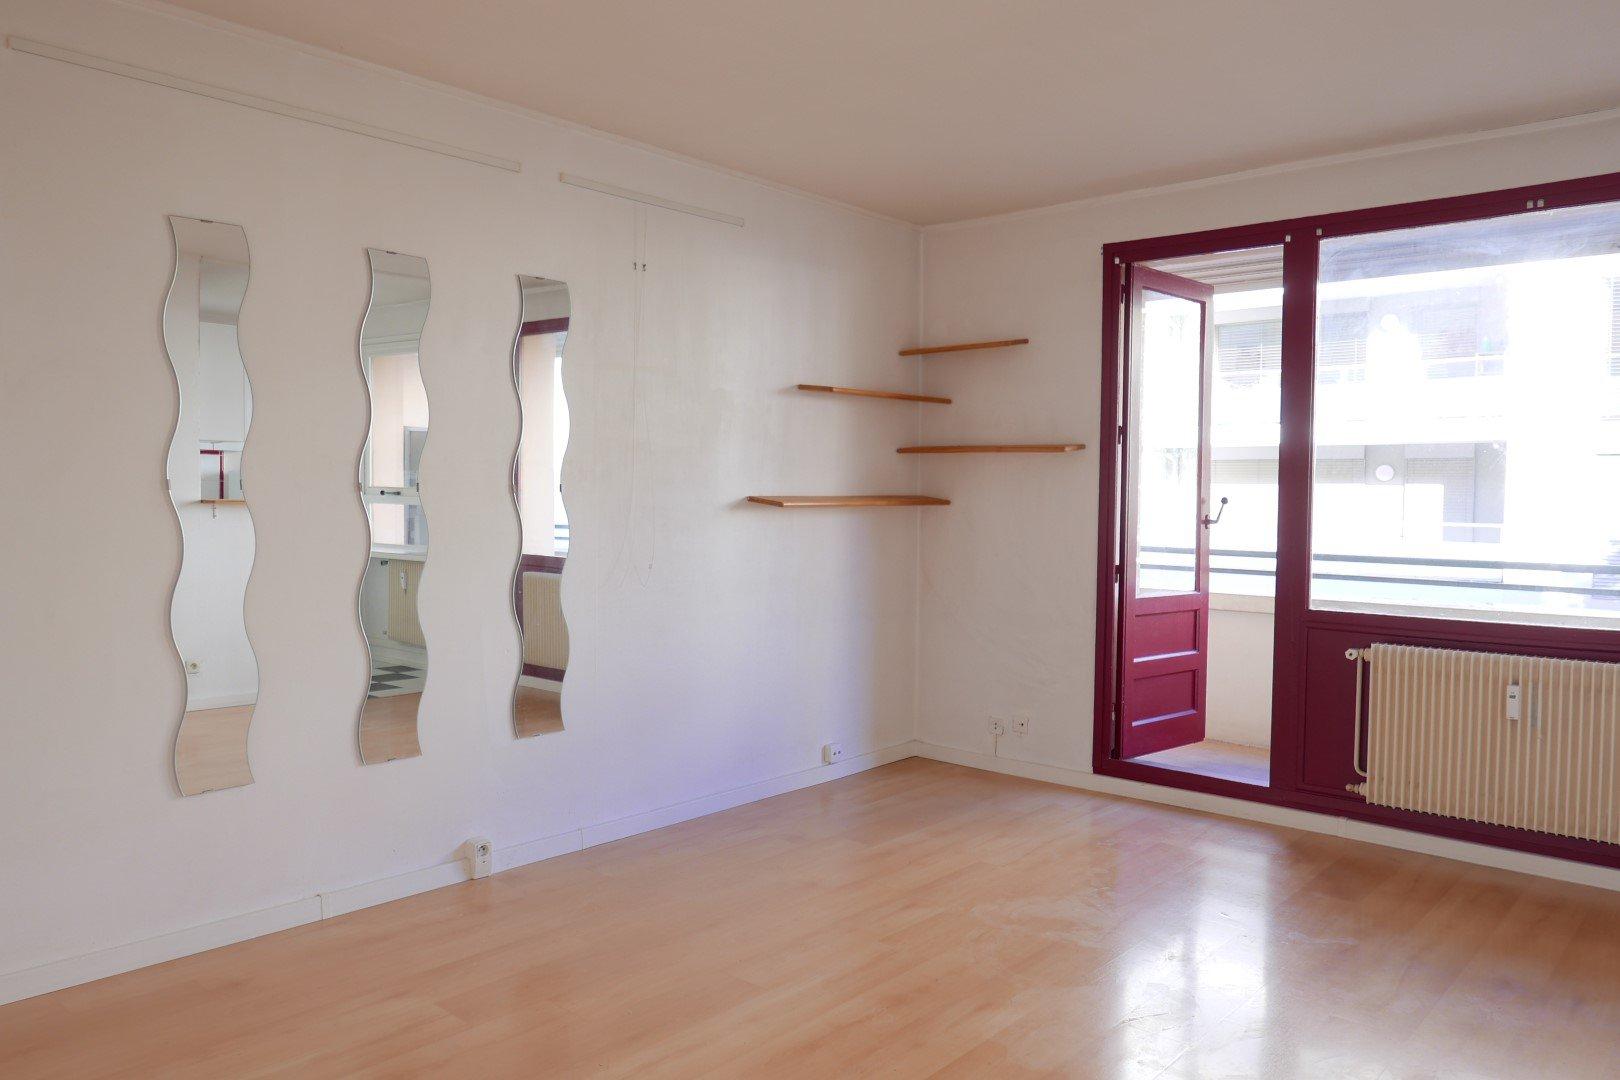 Achat Appartement Surface de 28 m², 1 pièce, Lyon 8ème (69008)